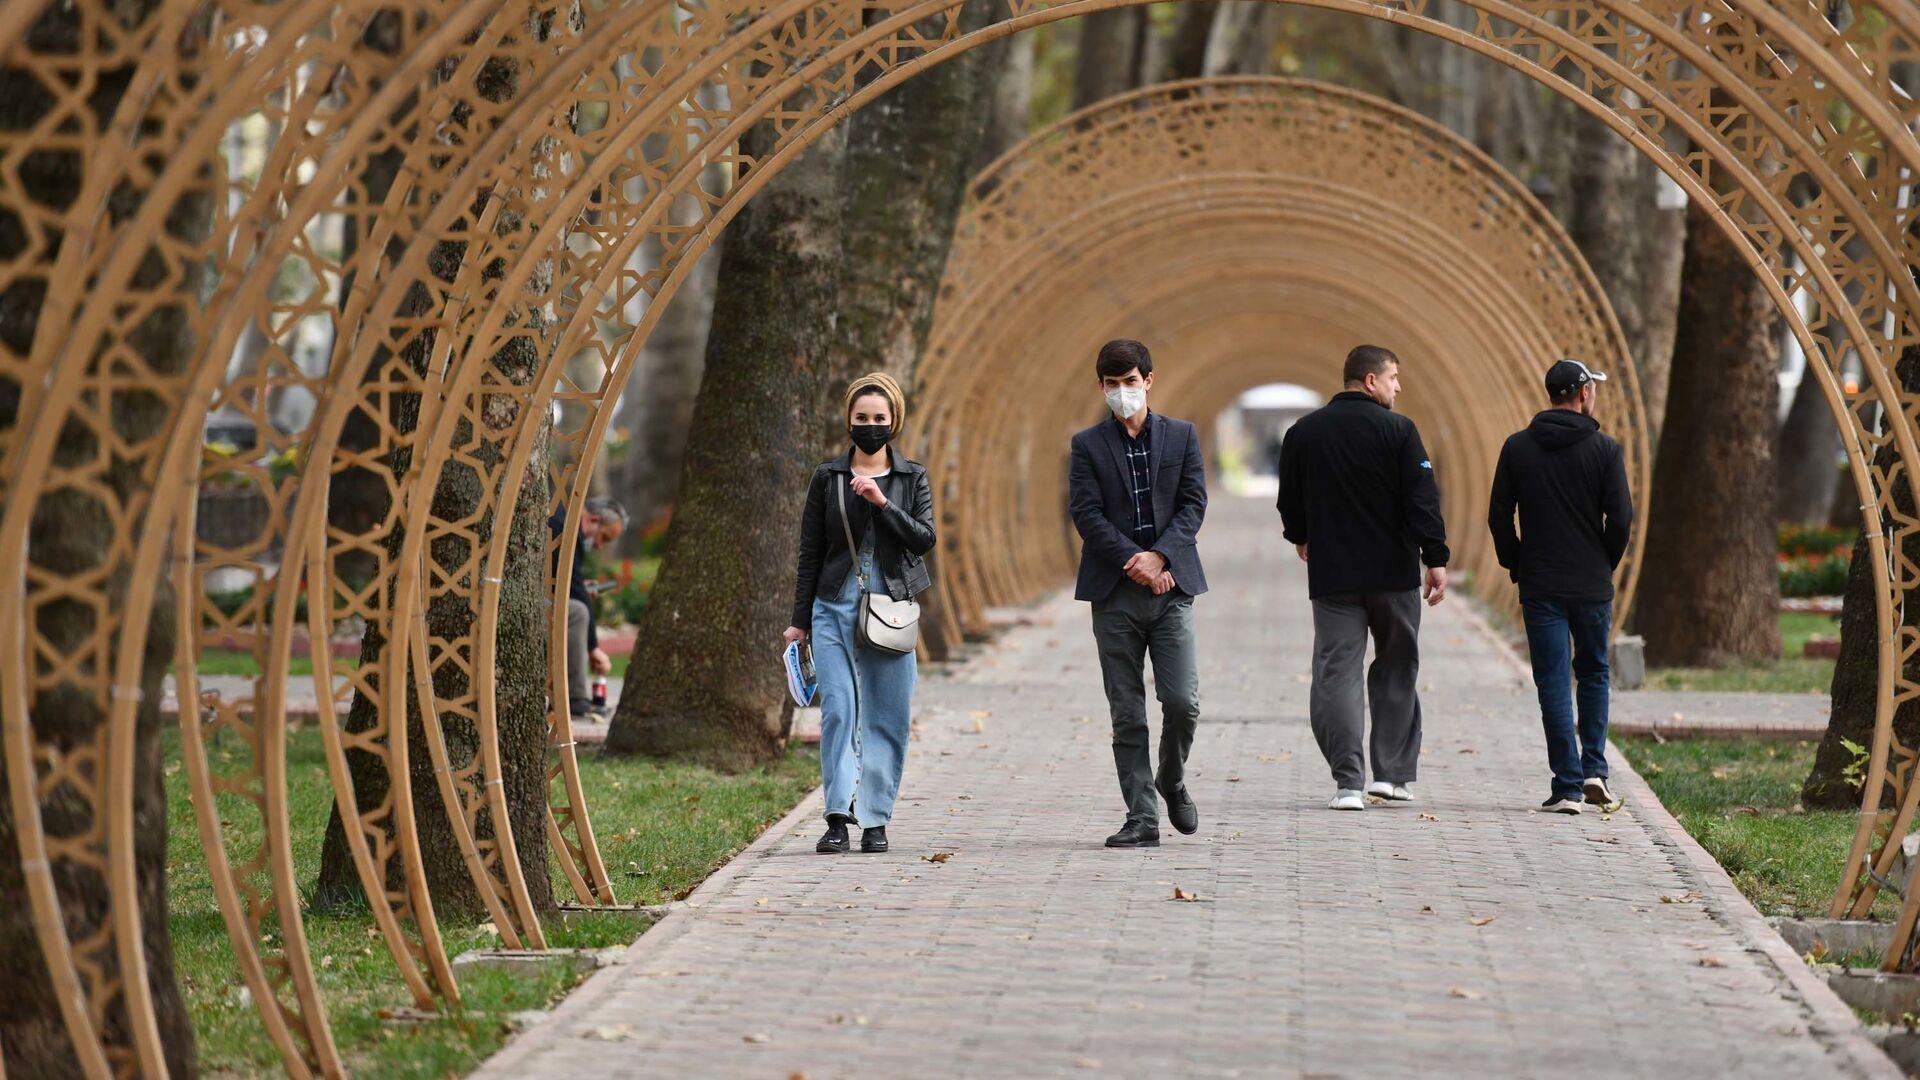 Жители Душанбе на улице - Sputnik Тоҷикистон, 1920, 06.09.2021